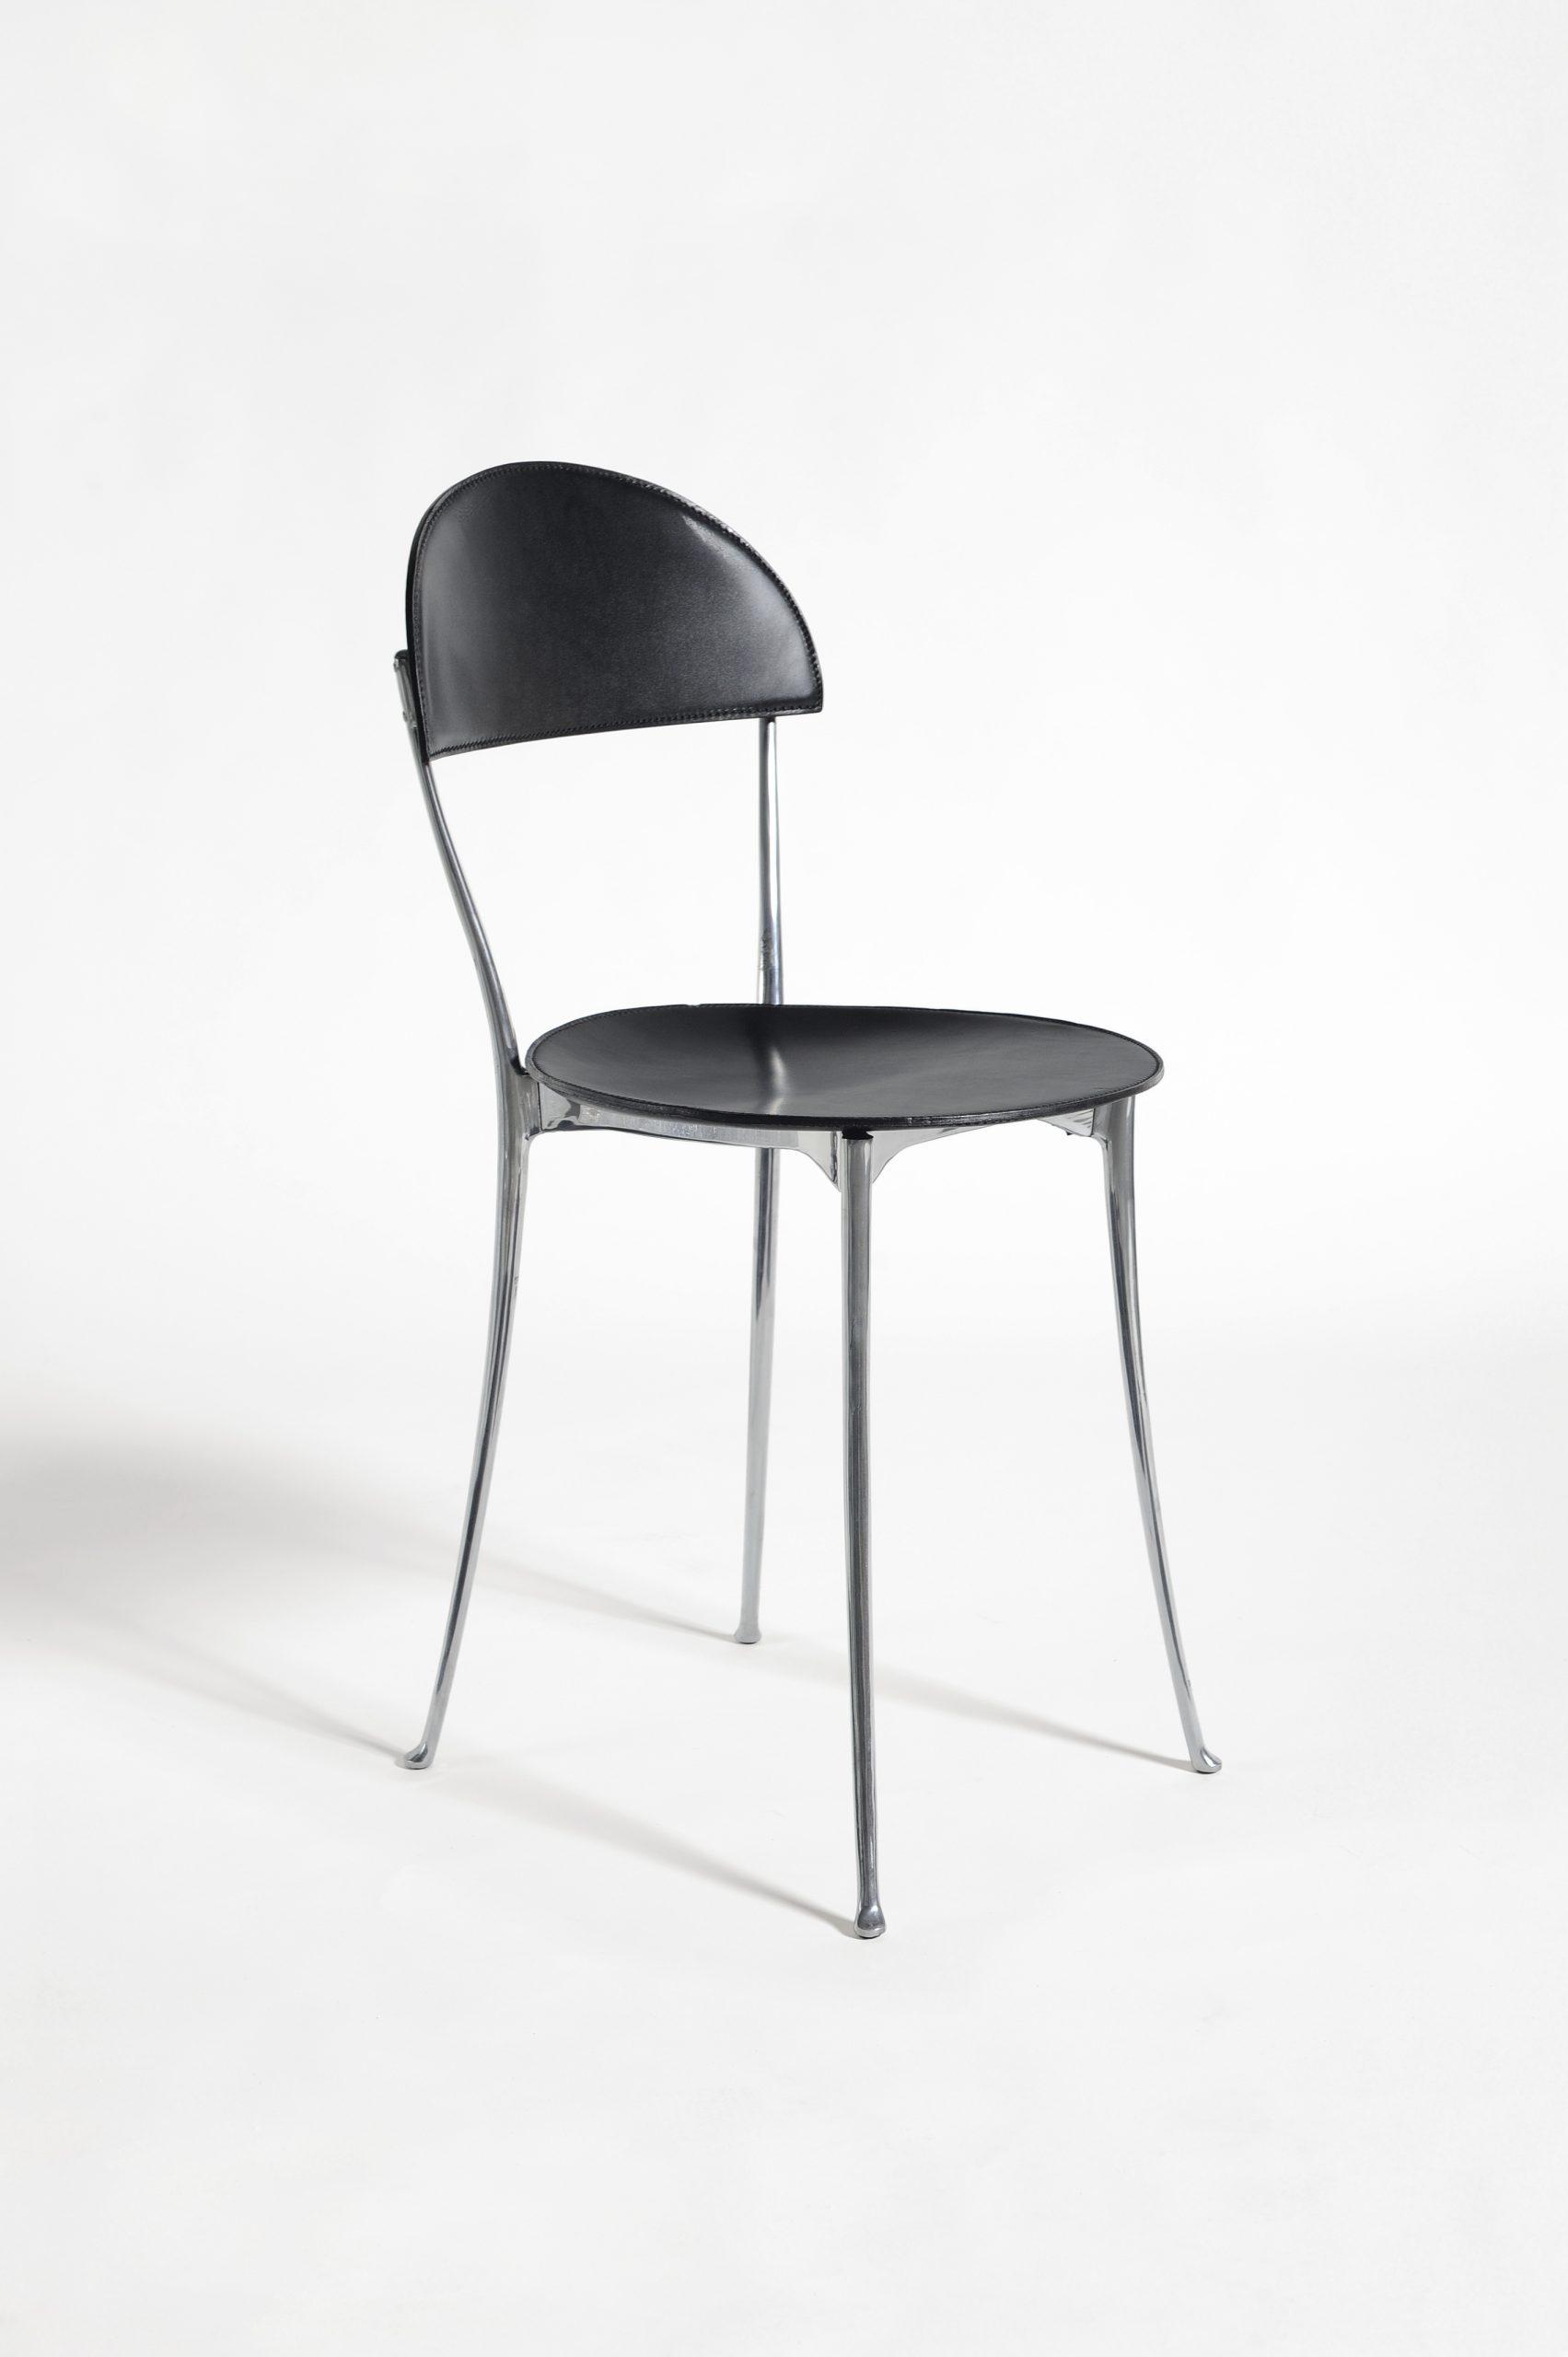 テイク・ユア・シート / Prendi posizione<br>椅子の孤独と快楽 / Solitudine e convivialità della Sedia